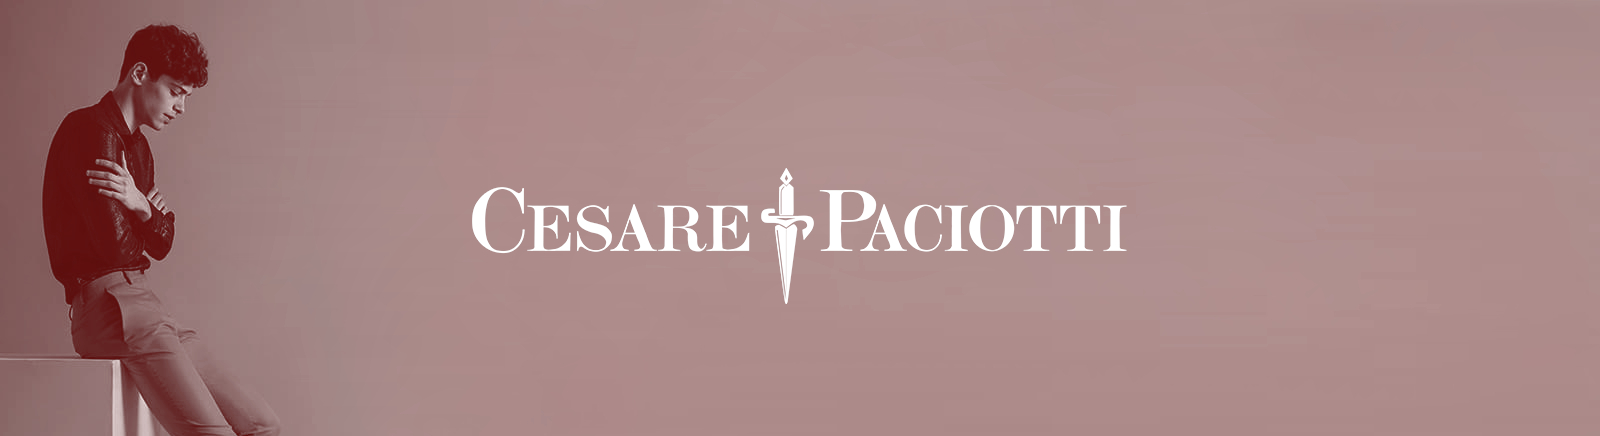 Cesare Paciotti Schnürschuhe für Damen im Online-Shop von GISY kaufen